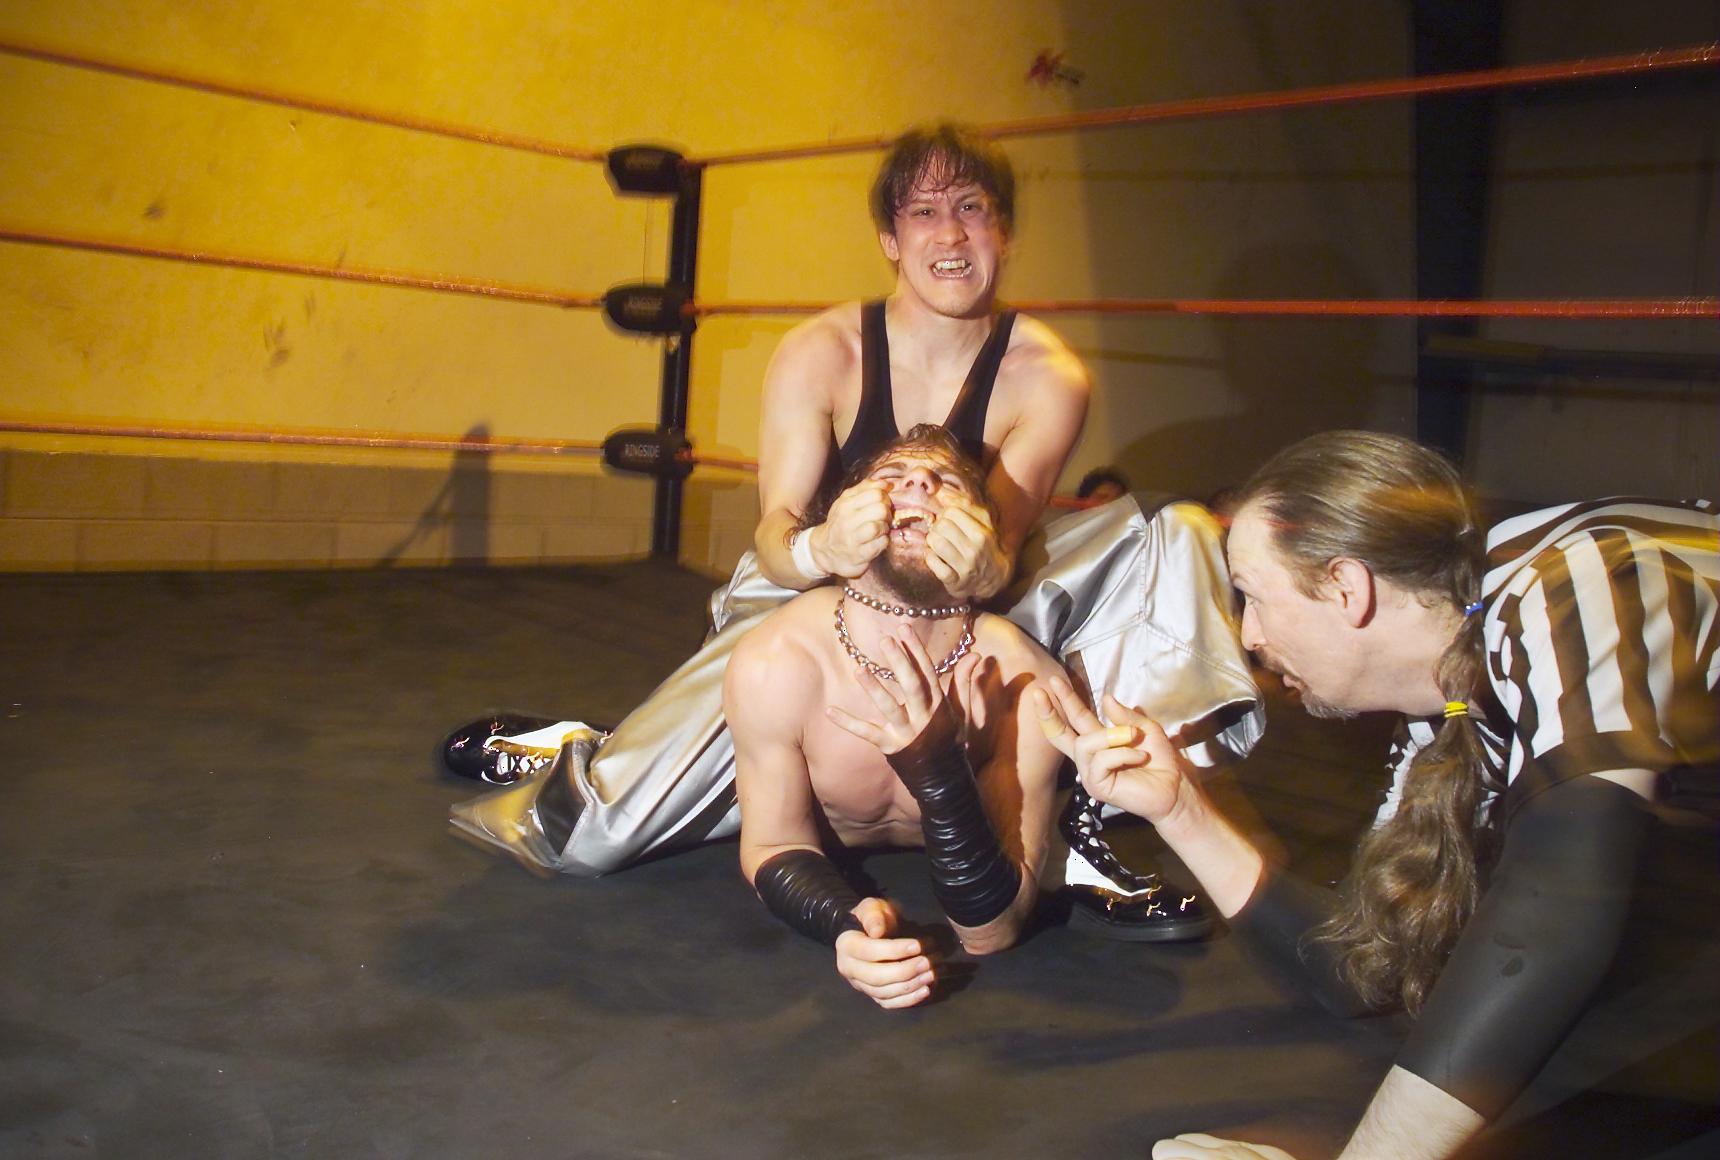 Wrestling_31.jpg